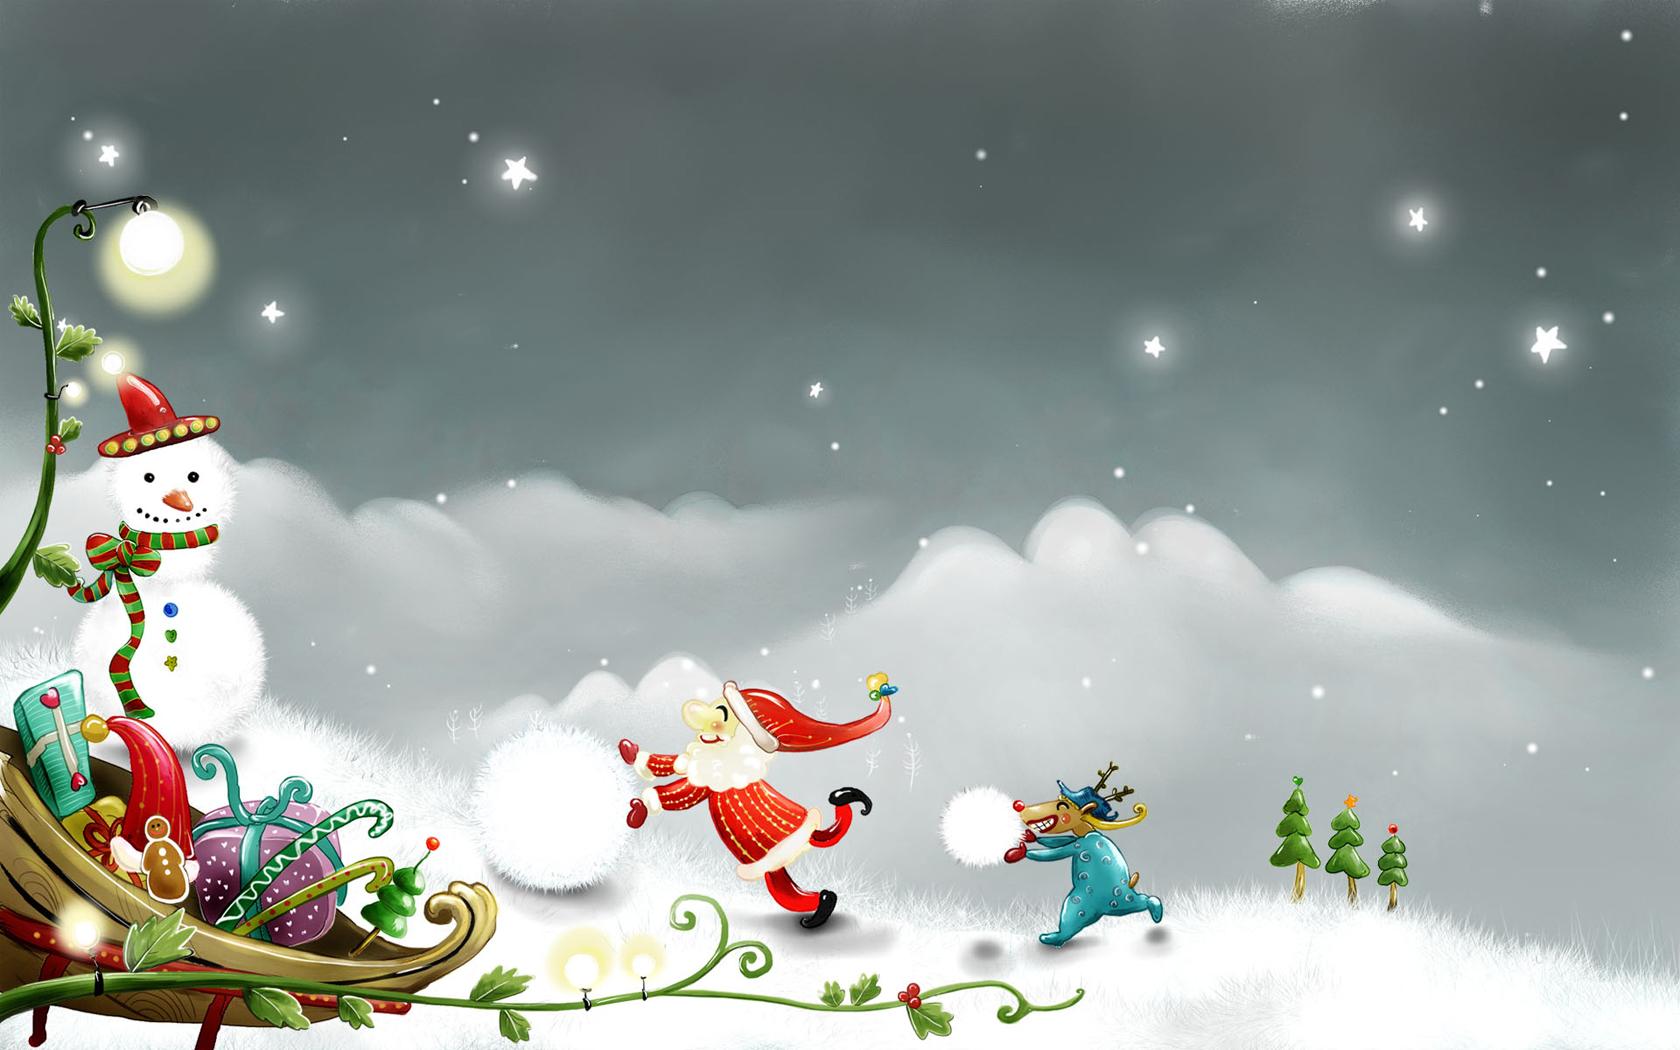 Winter Christmas Desktop Backgrounds #10696 Wallpaper   Wallpaper hd